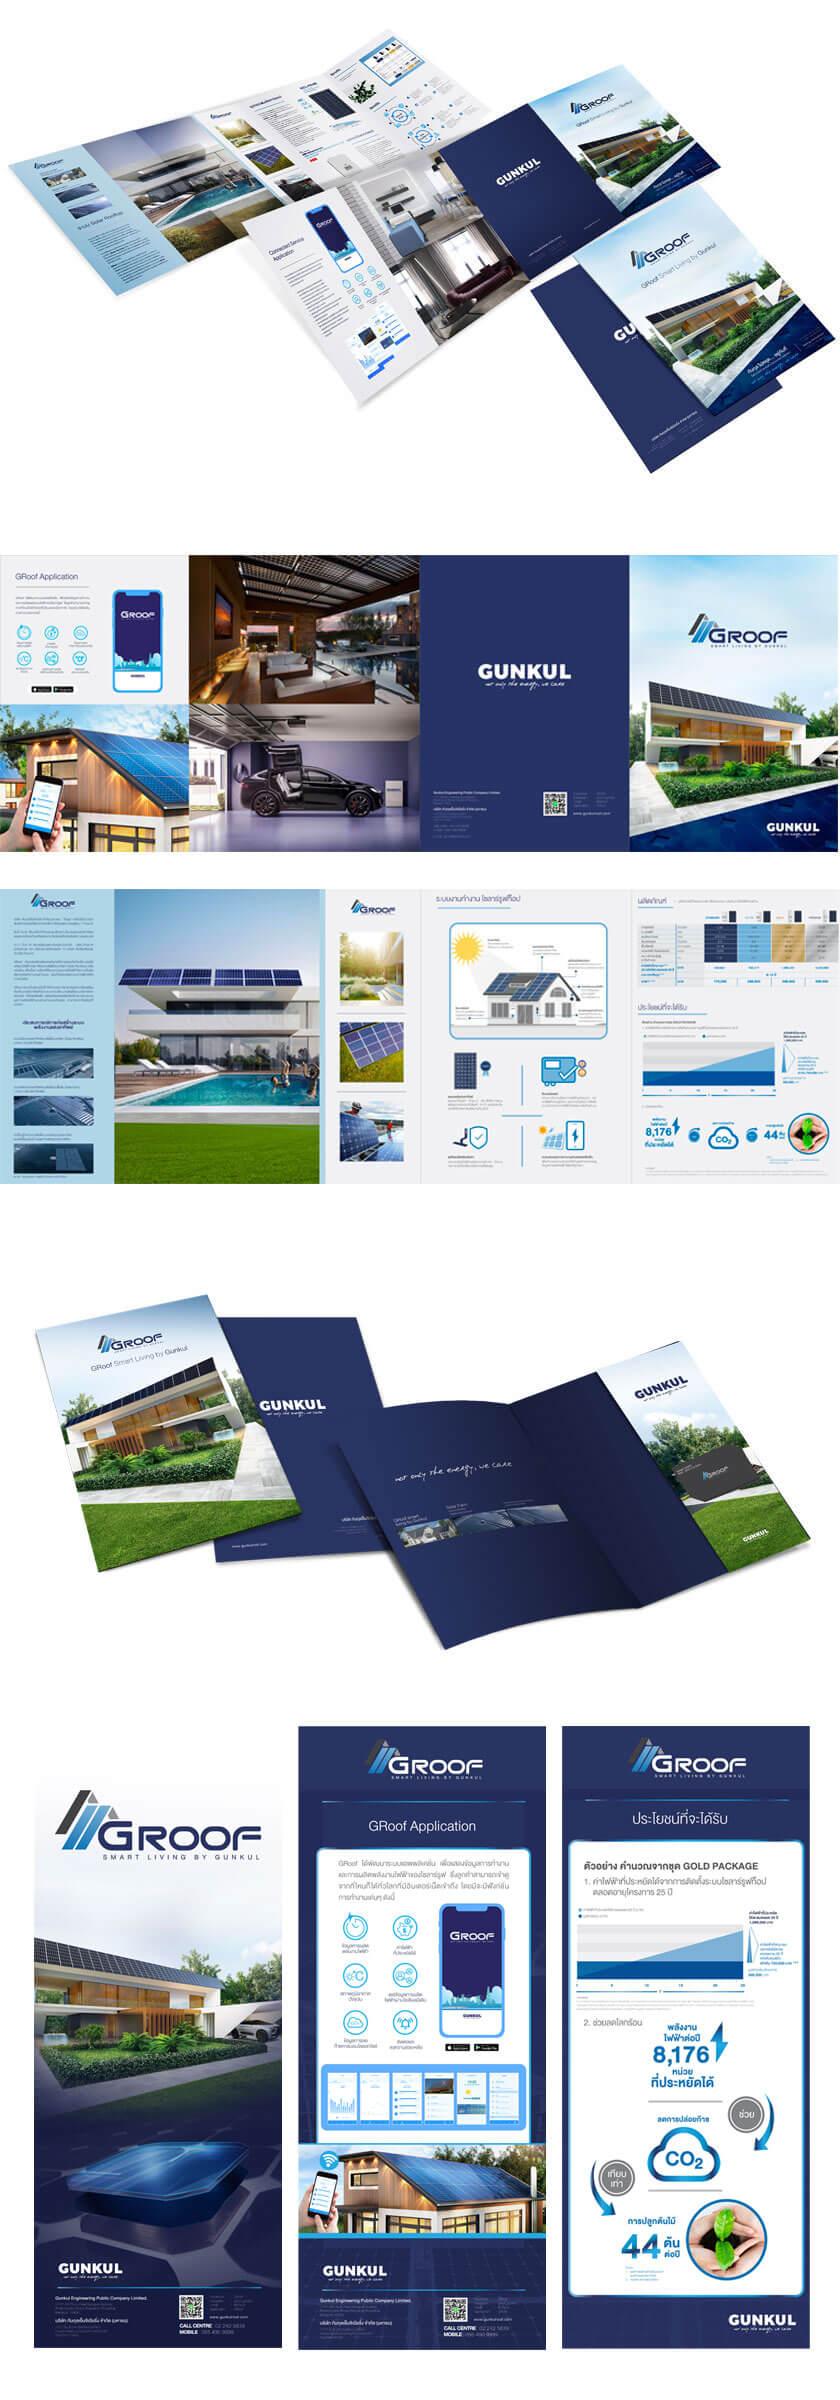 ดีไซน์ Company Profile คิดรูปแบบดีไซน์ให้โดดเด่น รีทัชภาพดูสมจริง สื่อ Banner ออนไลน์